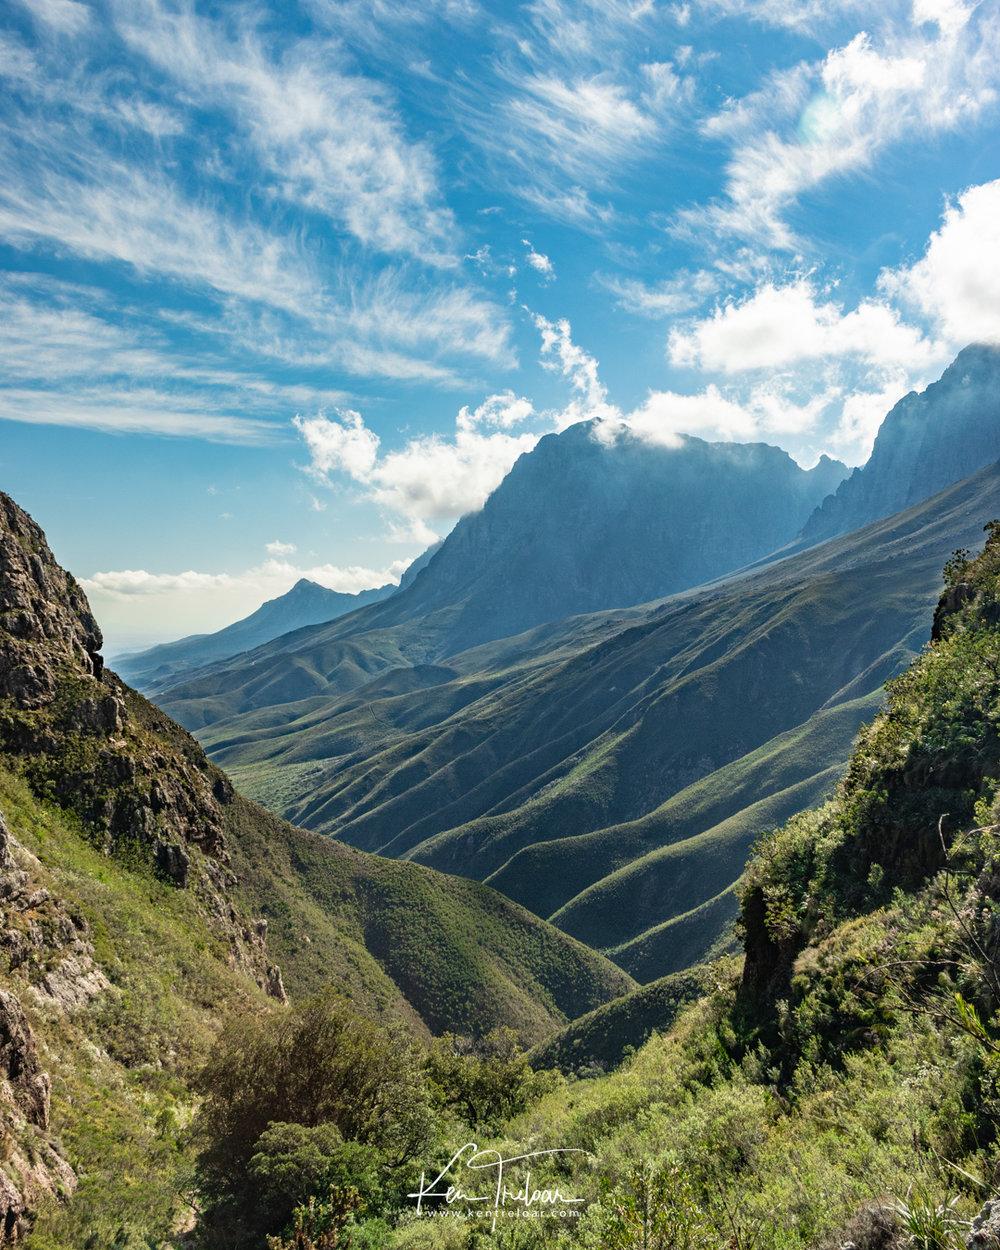 Jonkershoek Hiking Trail, Stellenbosch, South Africa - photo by Ken Treloar Photography 2018 (Low Res)-8.jpg